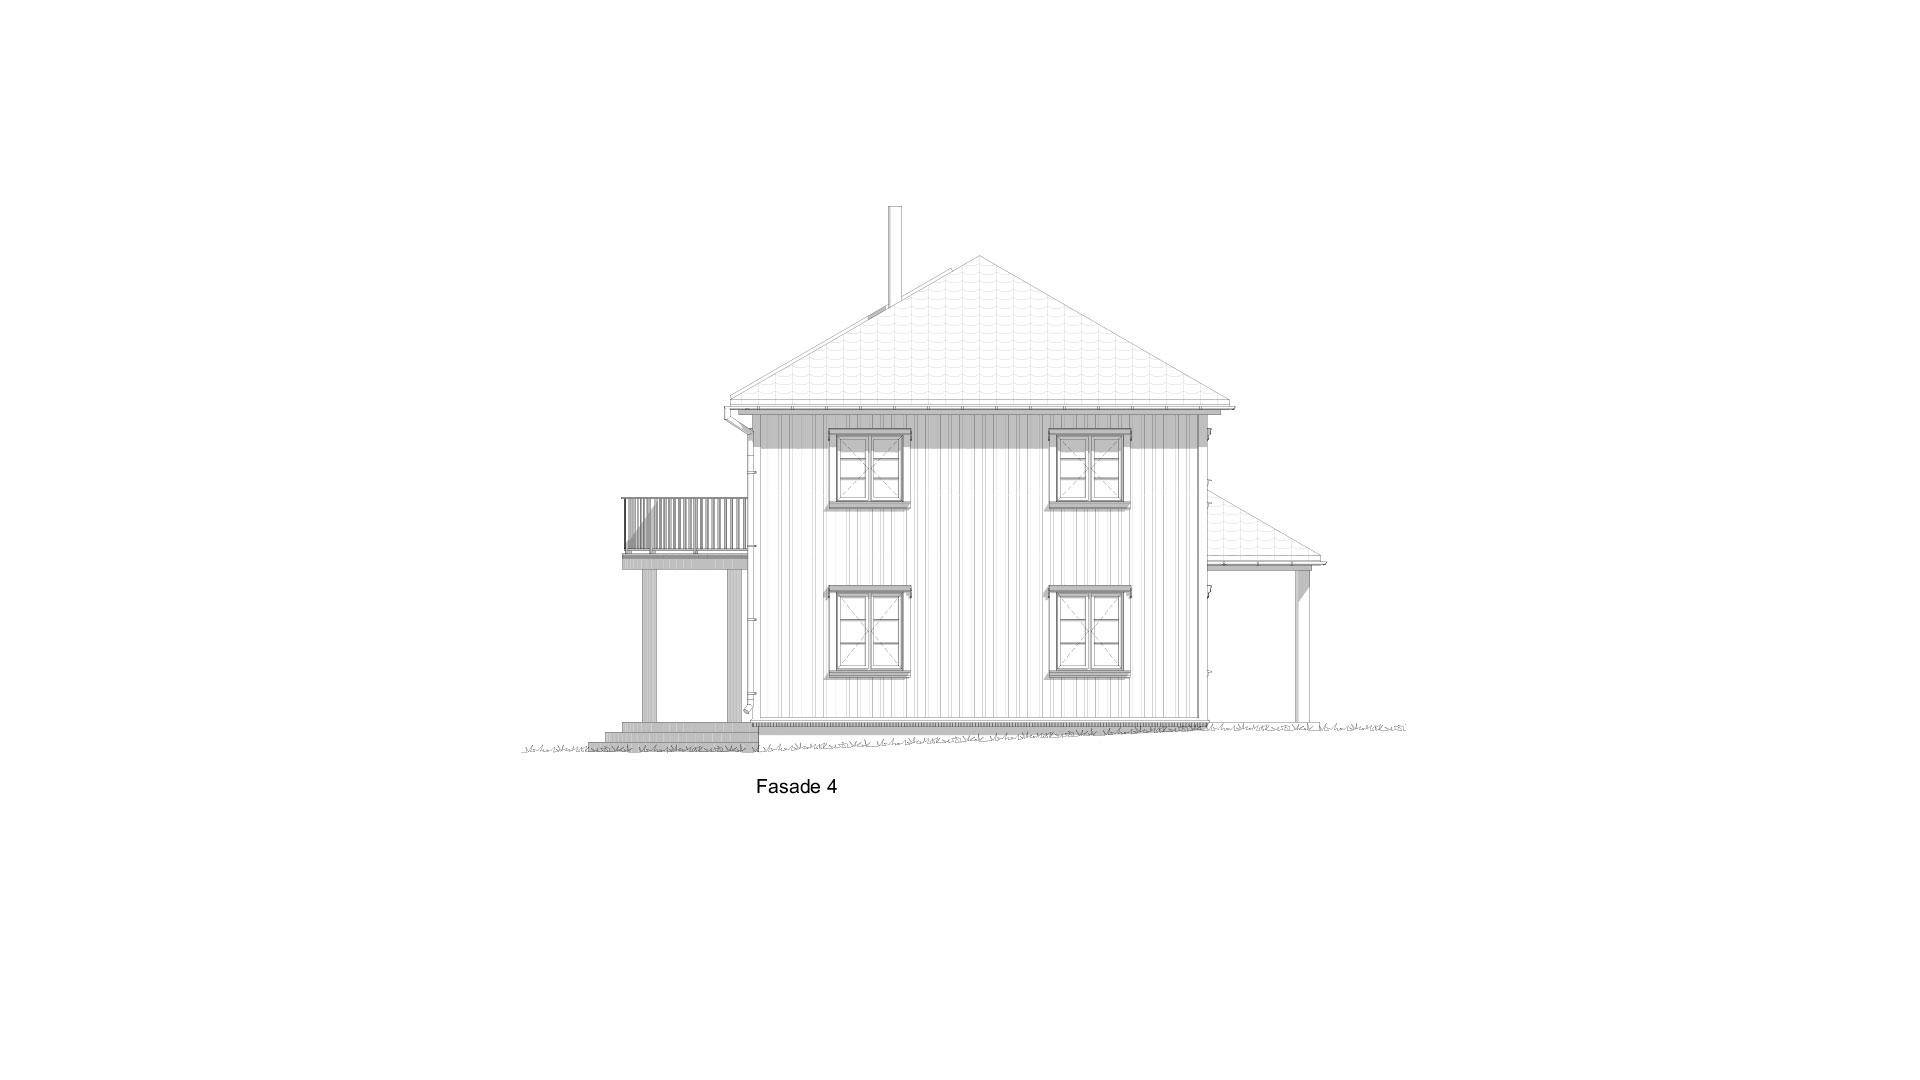 Arv17_fasade4.jpg